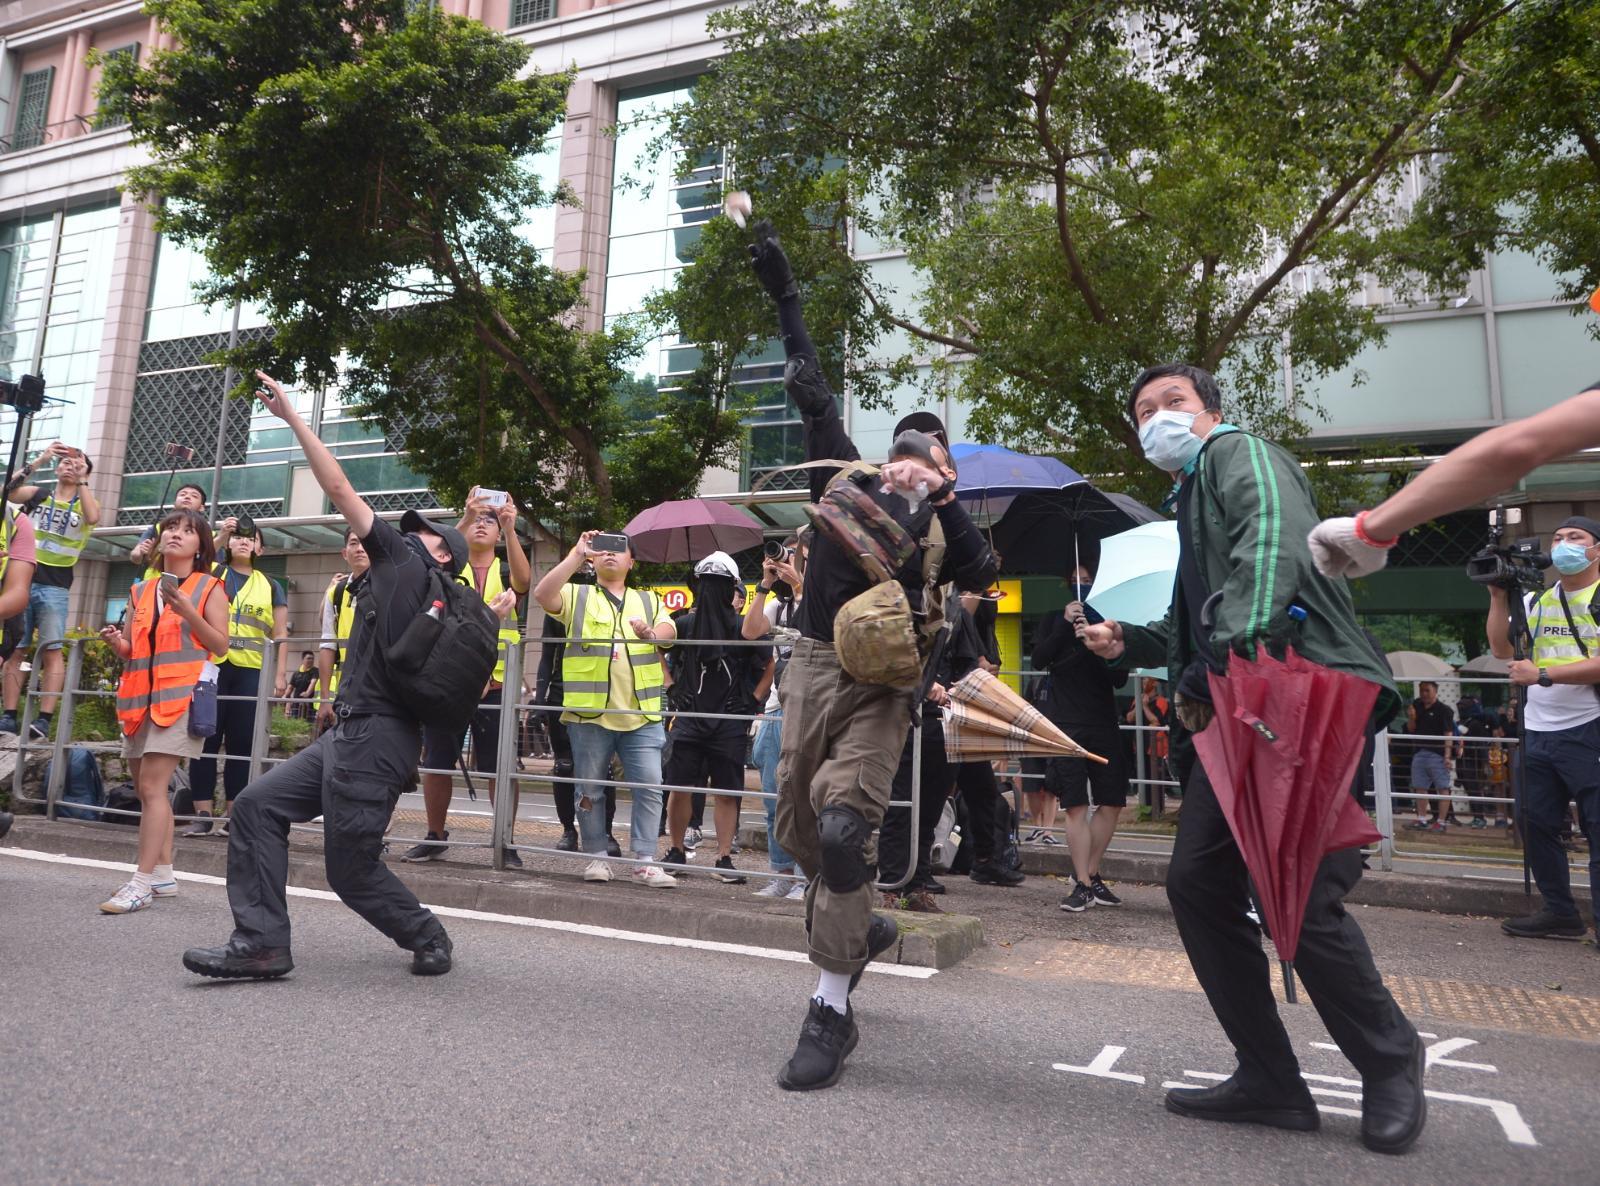 示威者投擲雞蛋及硬物